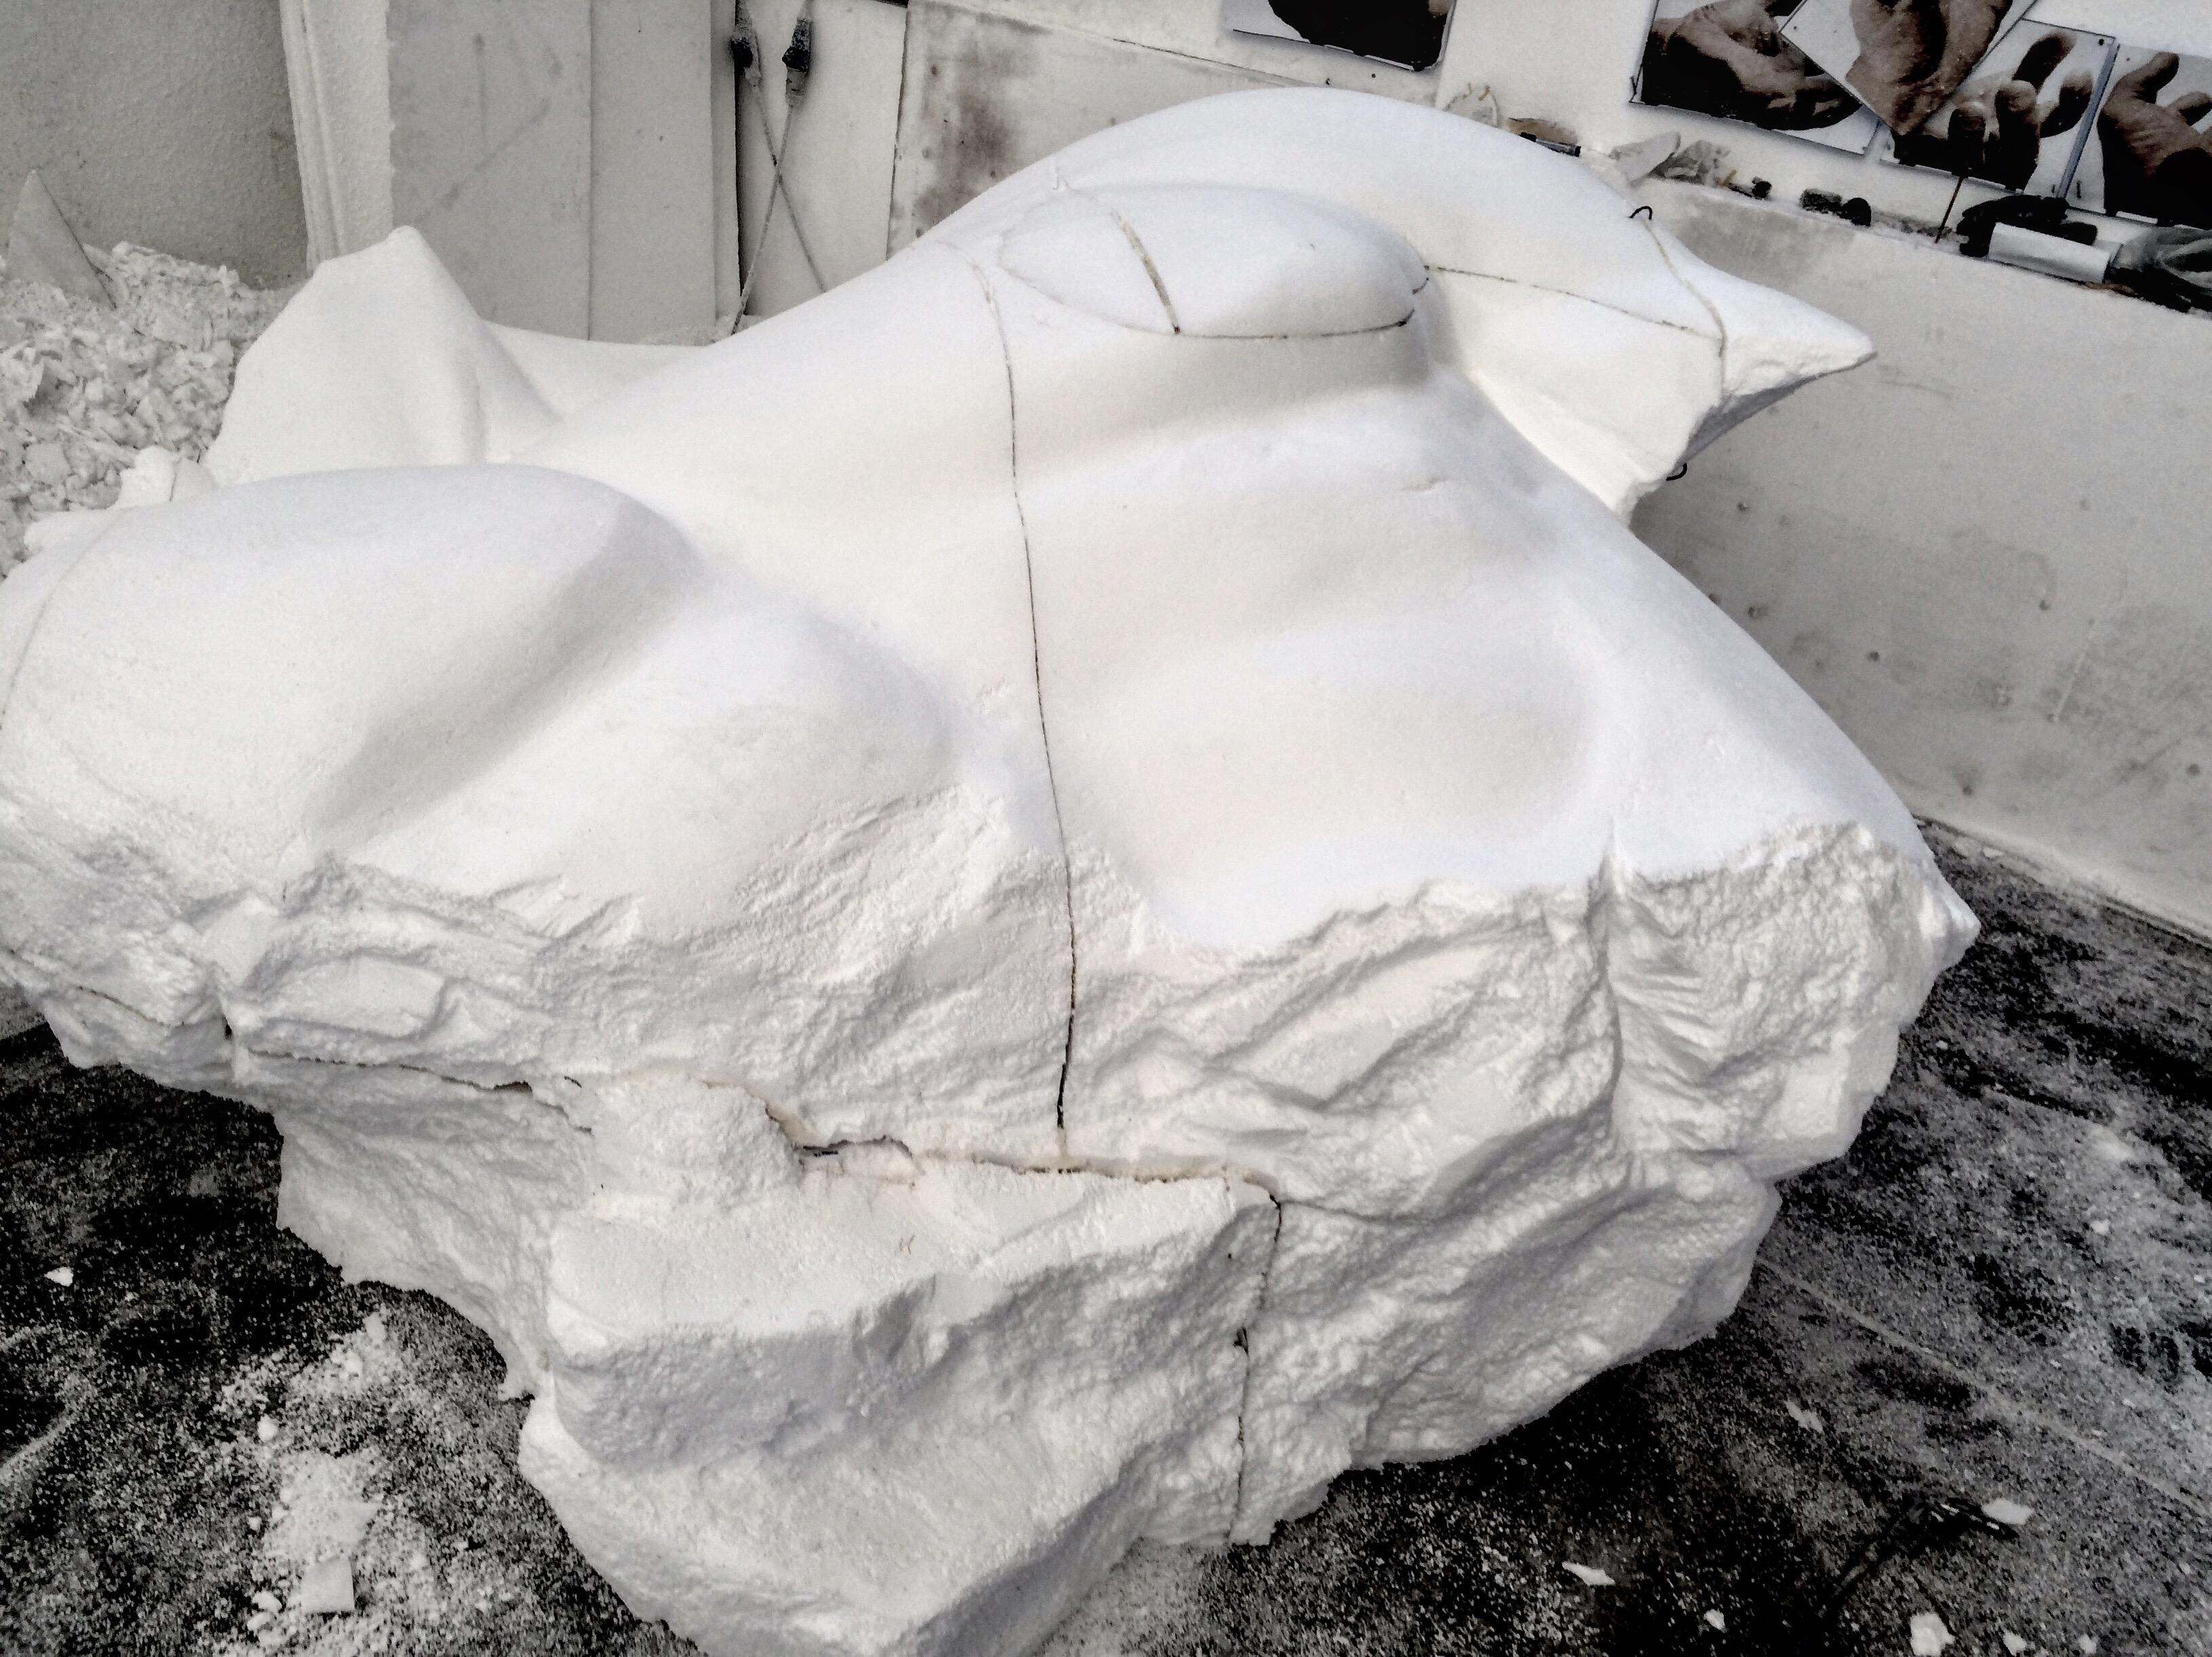 Human breast sculpture detsail